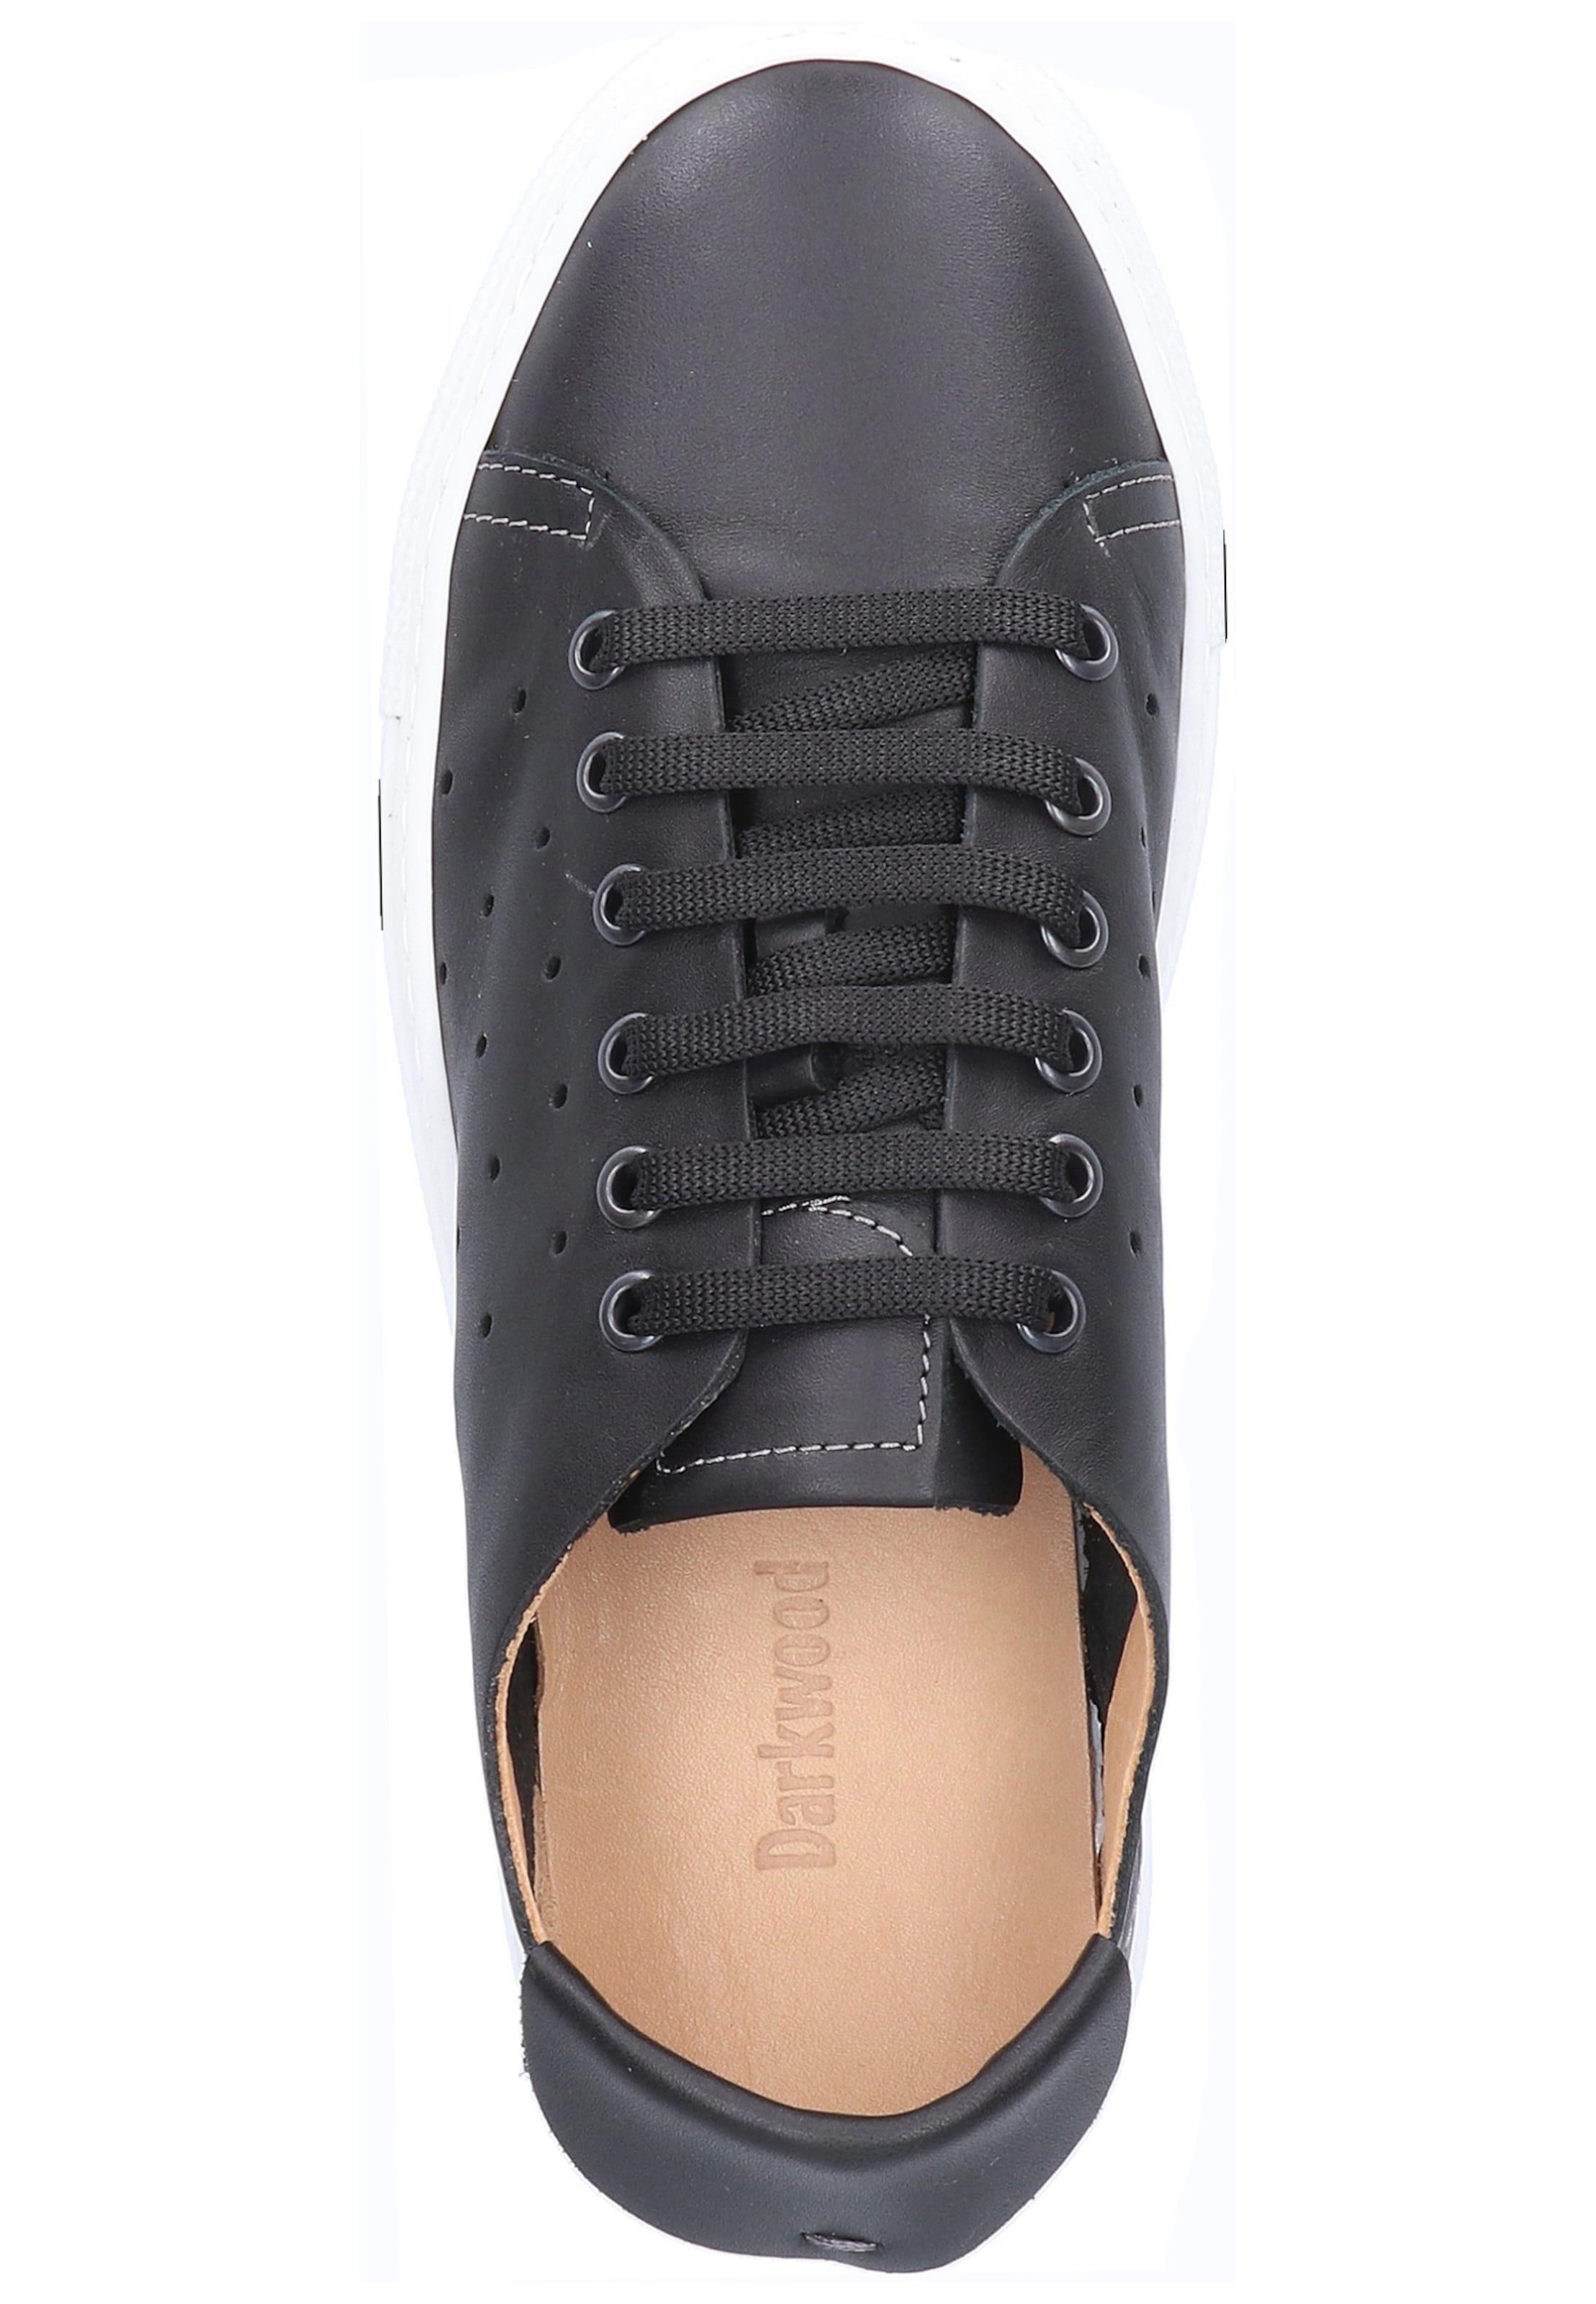 Schwarz Darkwood Darkwood Sneaker In Schwarz Darkwood Sneaker Schwarz Sneaker In Darkwood In rWCexdBo